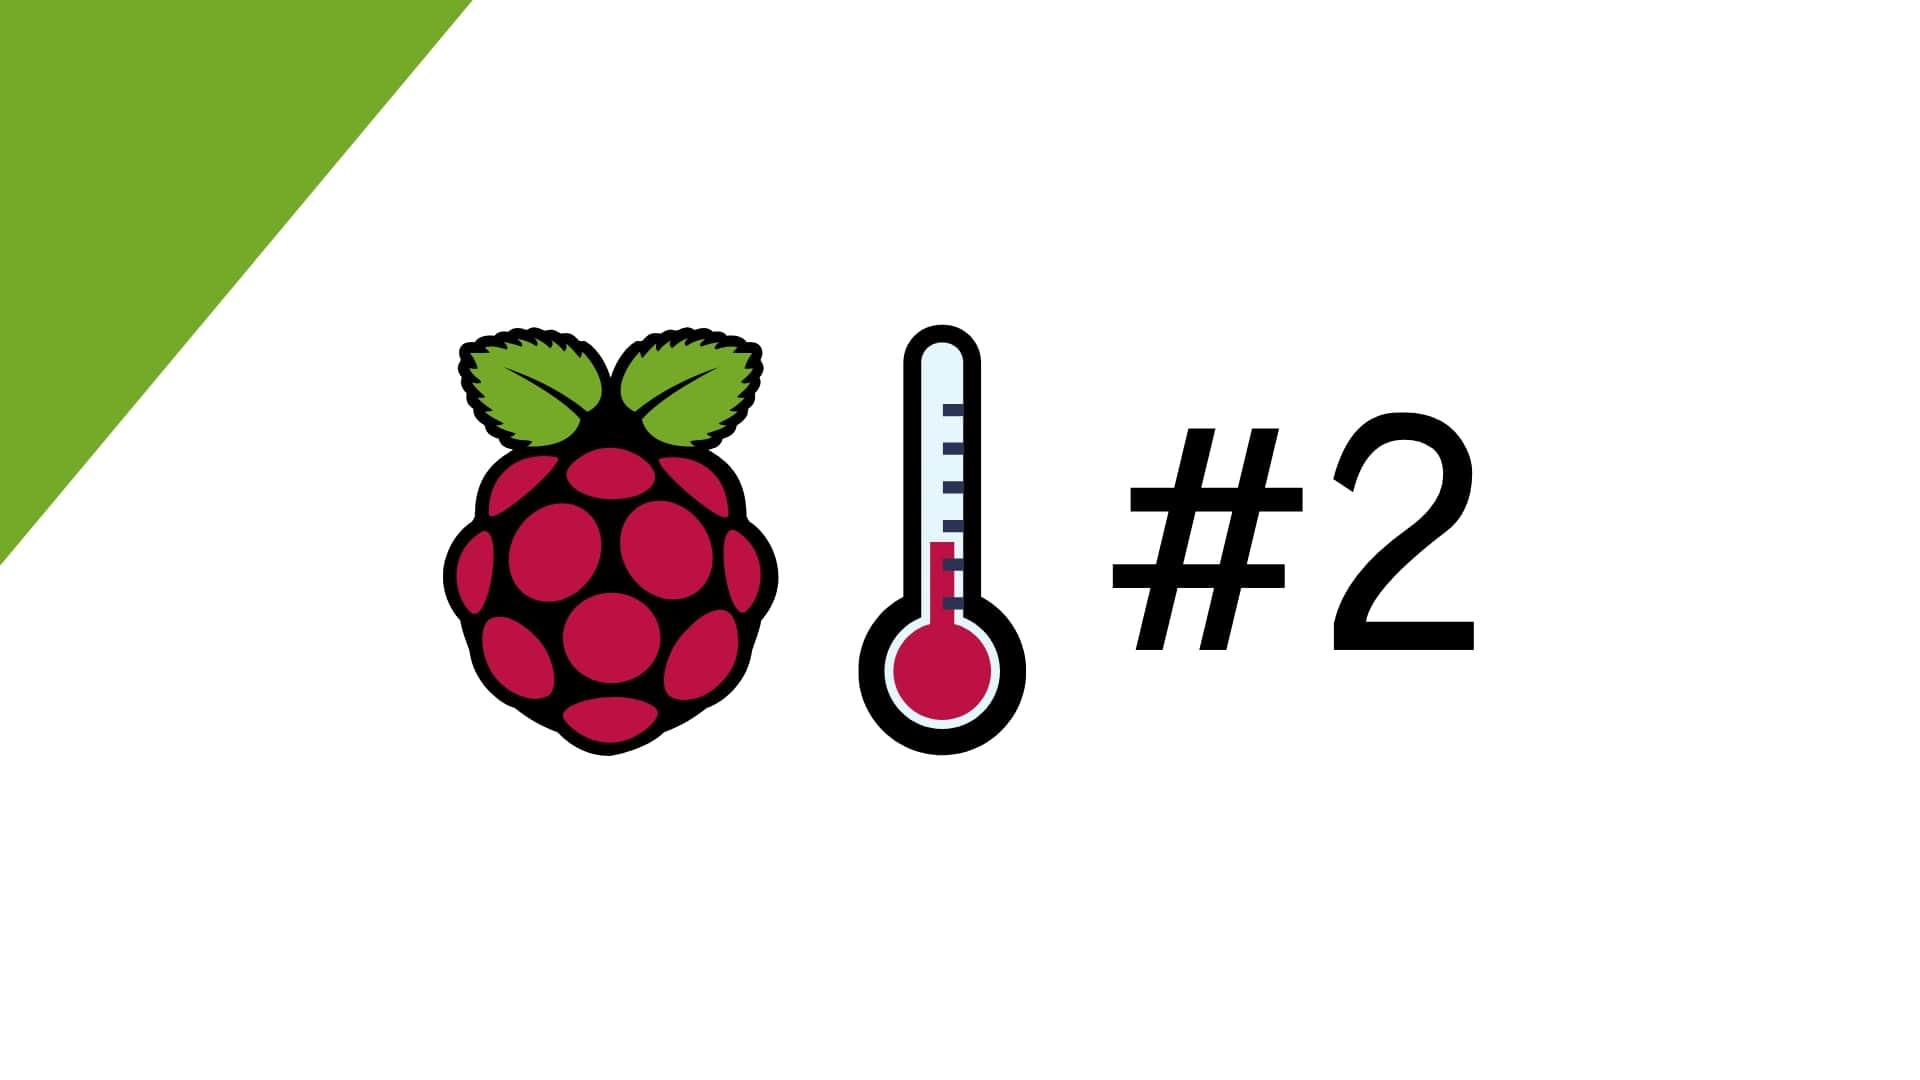 Raspberry piで検温機構を作るまで #2